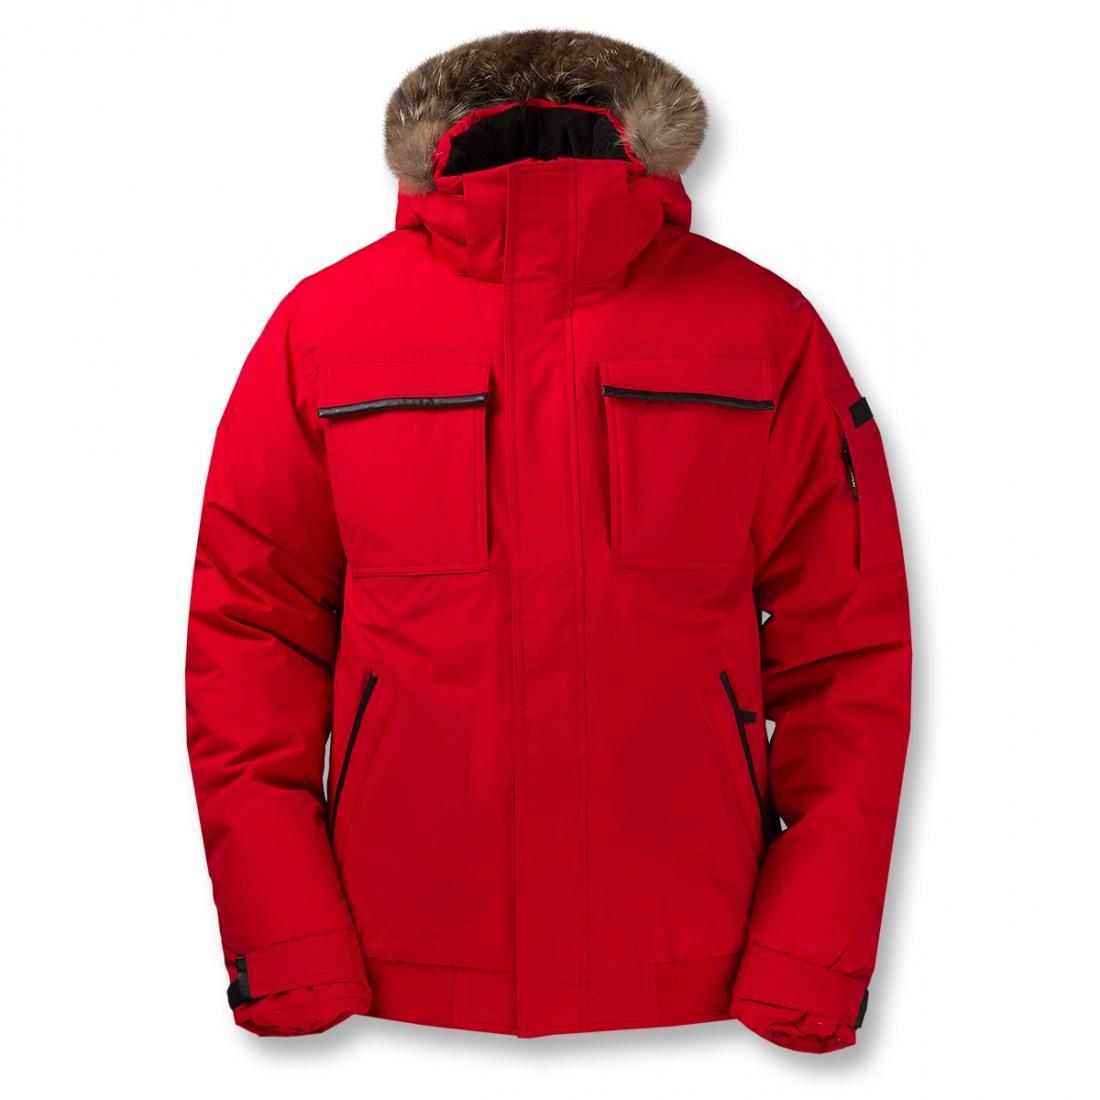 Куртка пуховая Logan IIКуртки<br>Укороченная мужская куртка с гусиным пухом. Непромокаемая верхняя мембранная ткань куртки для защиты пуха от влаги и укрепления теплозащитных свойств.<br> <br><br>Серия Life Style/ пуховая одежда<br>Горы, экспедиции, походы, экстремальн...<br><br>Цвет: Красный<br>Размер: 60